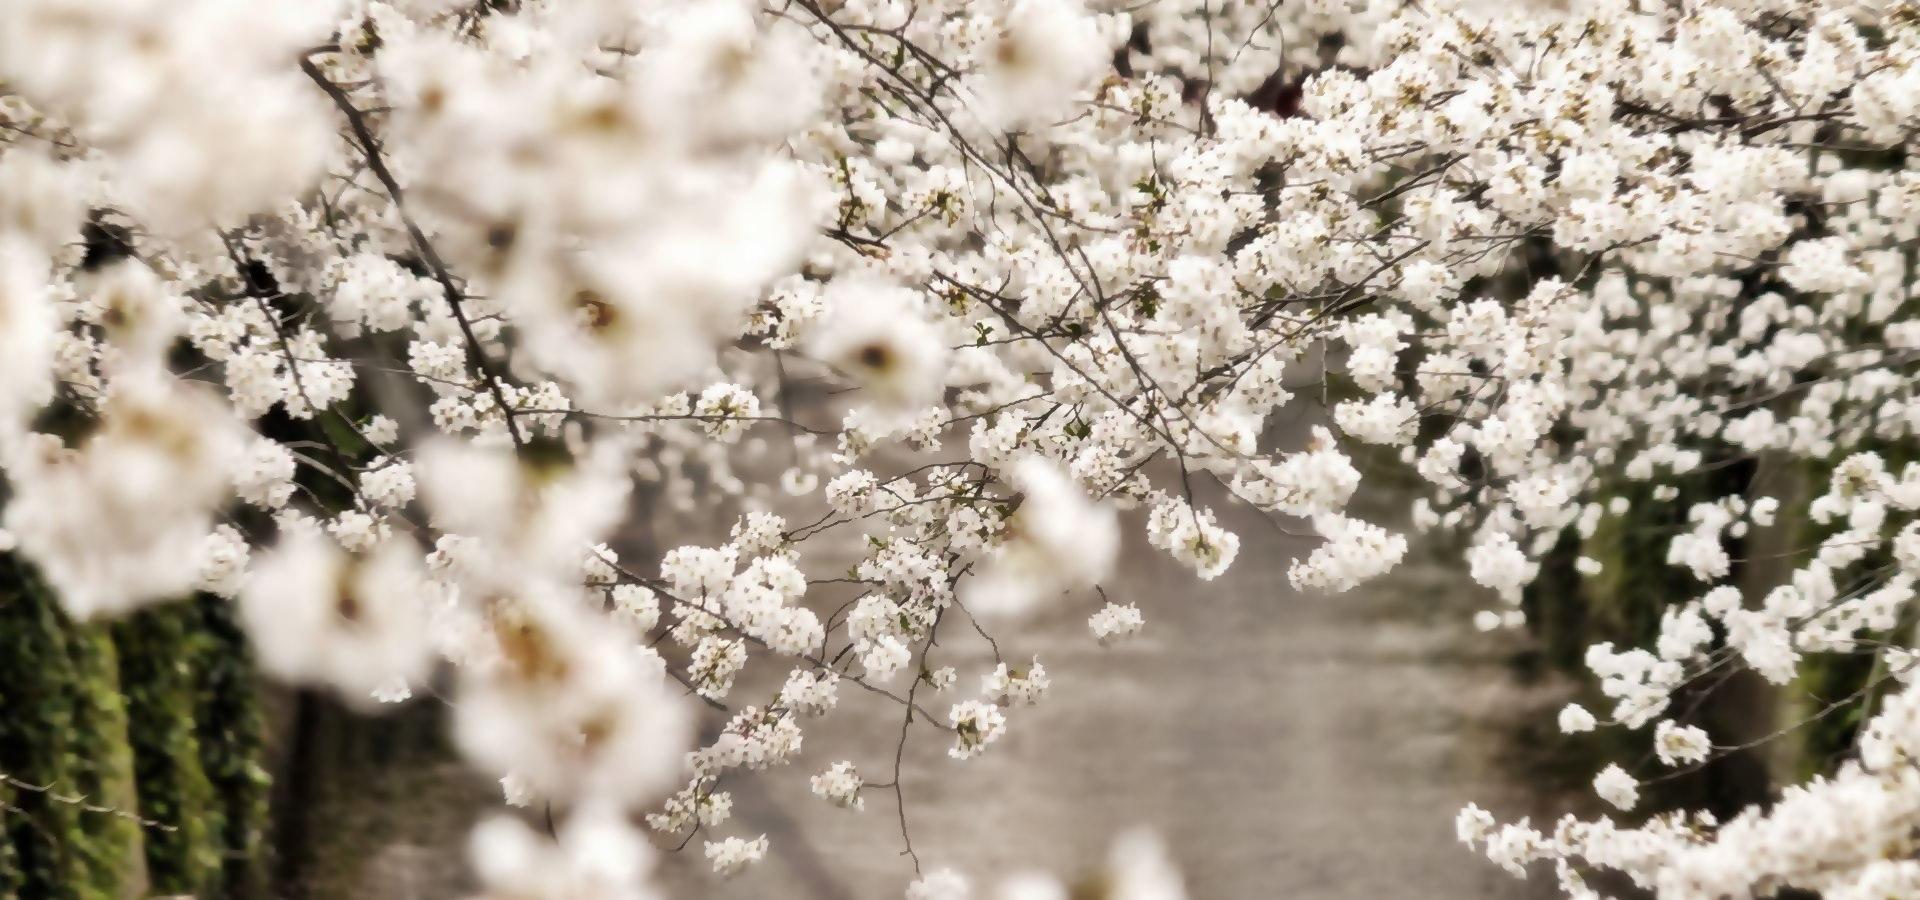 sakura-blossom